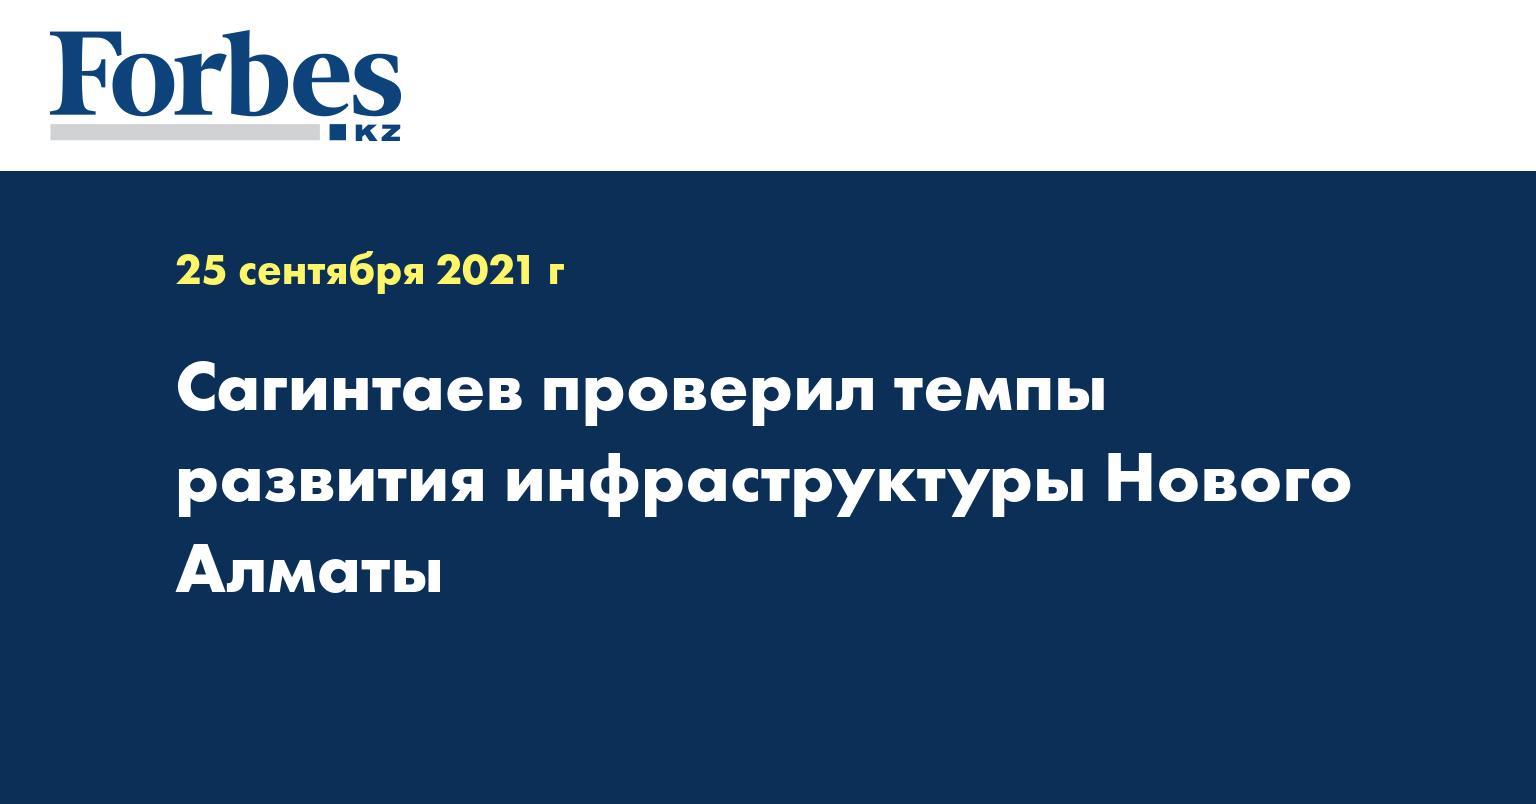 Сагинтаев проверил темпы развития инфраструктуры Нового Алматы